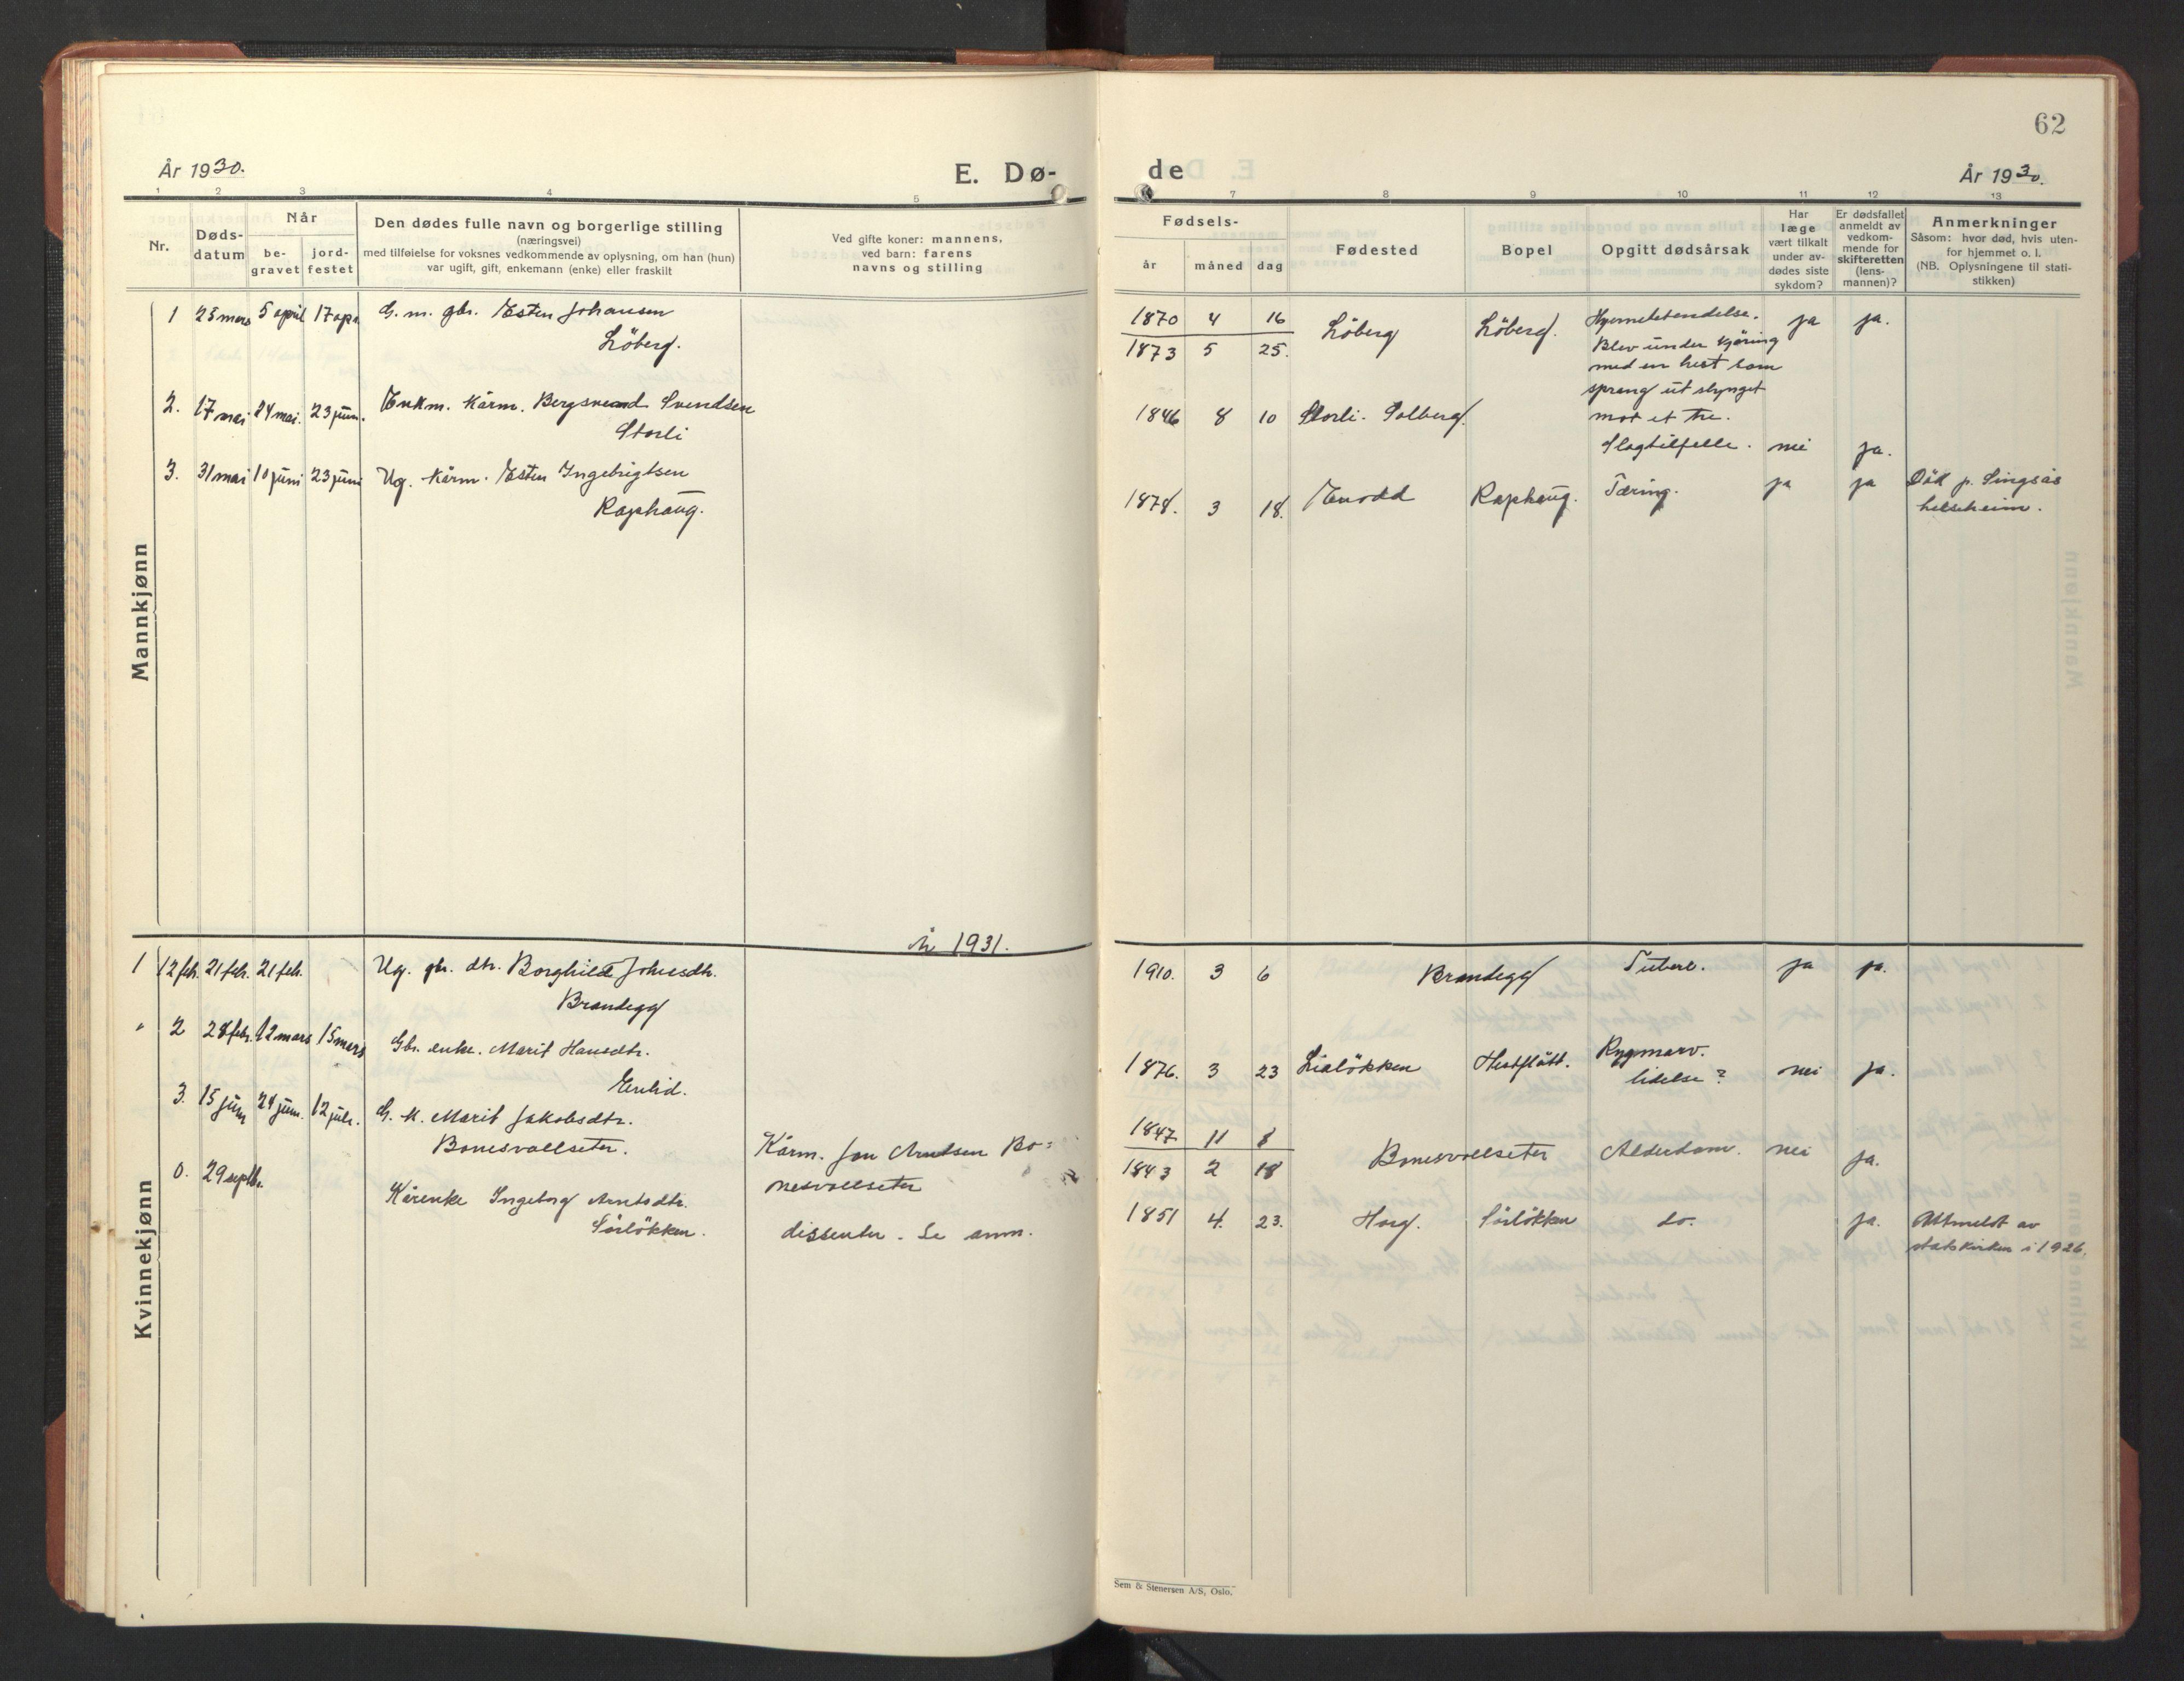 SAT, Ministerialprotokoller, klokkerbøker og fødselsregistre - Sør-Trøndelag, 690/L1053: Klokkerbok nr. 690C03, 1930-1947, s. 62